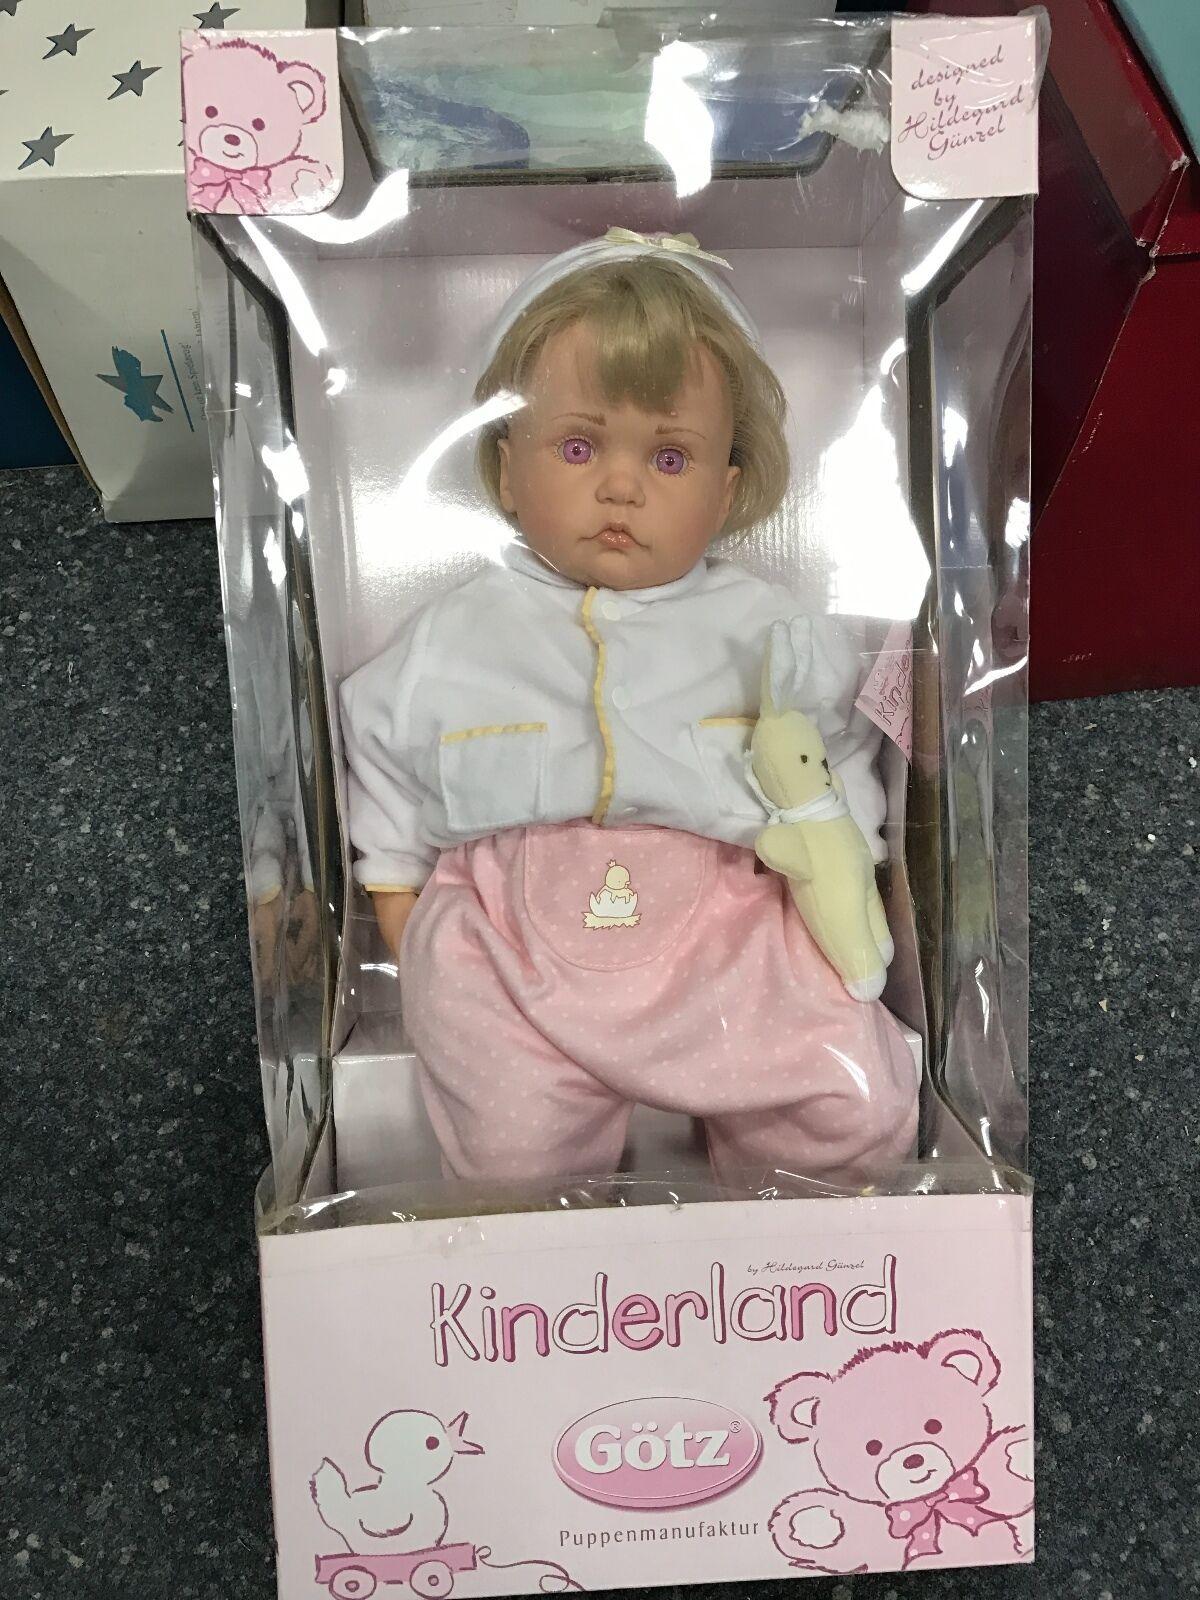 Heng aime Noël, la chaleur du coeur Götz Hildegard COMPLICES poupée poupée vinyle poupée COMPLICES 52 cm excellent état c1273b